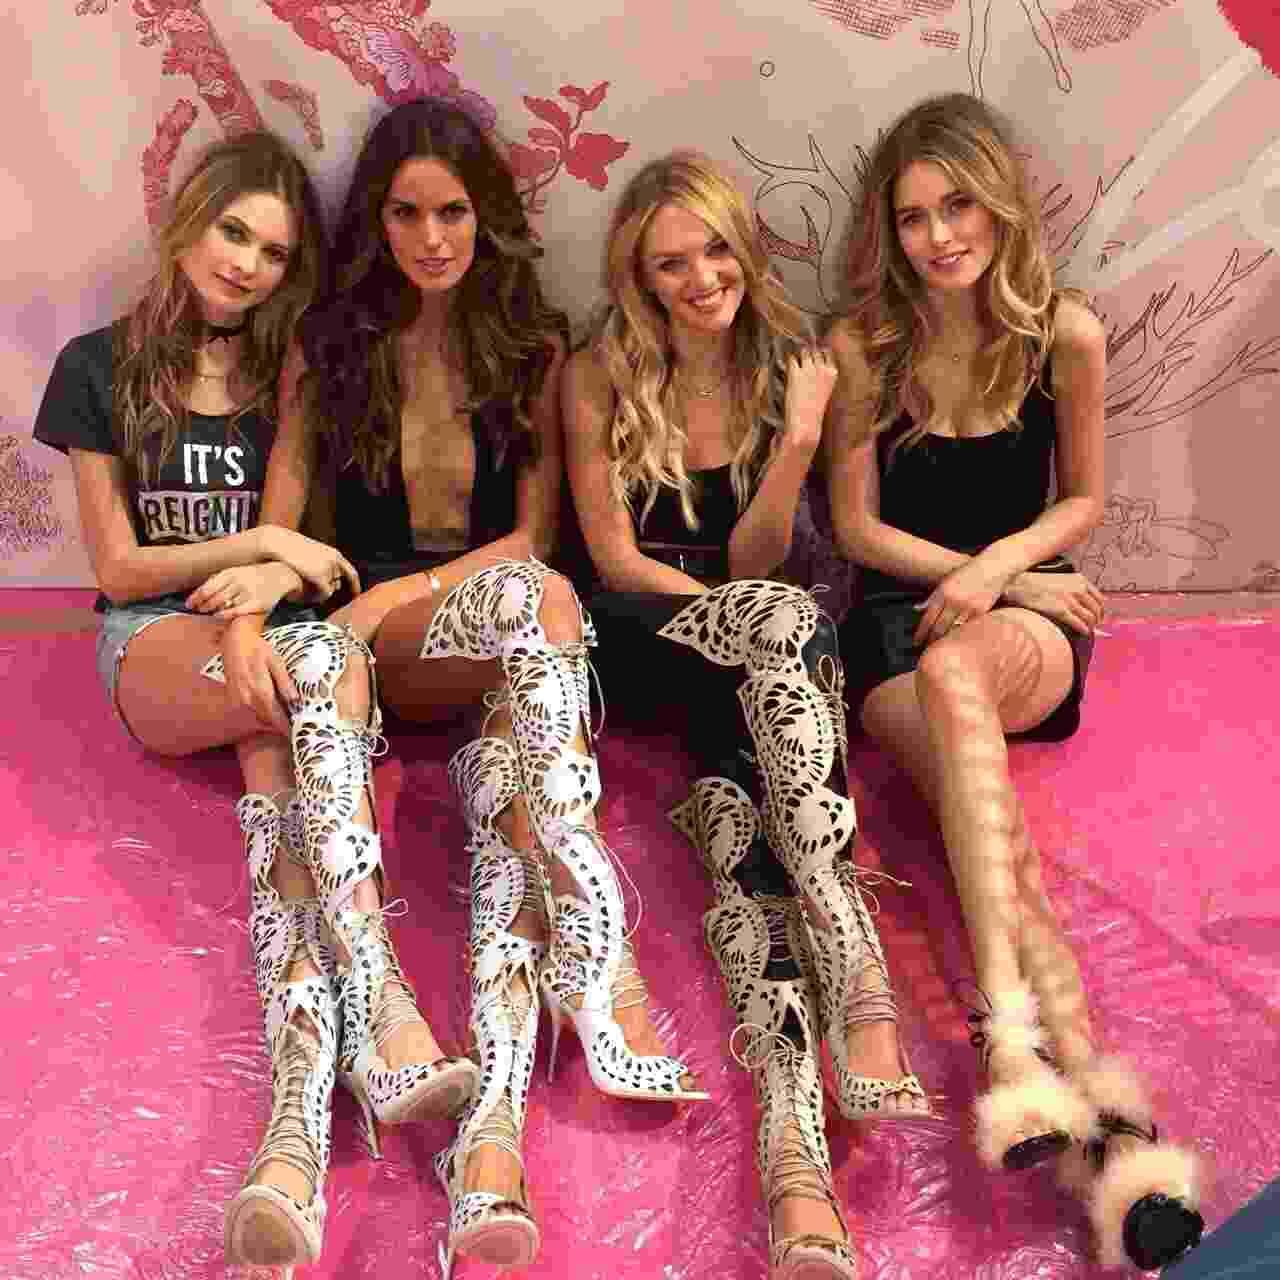 Angels Behati Prinsloo, Izabel Goulart, Candice Swanepoel e Doutzen Kroes em ensaio para o Victoria's Secret Fashion Show 2014 - Reprodução